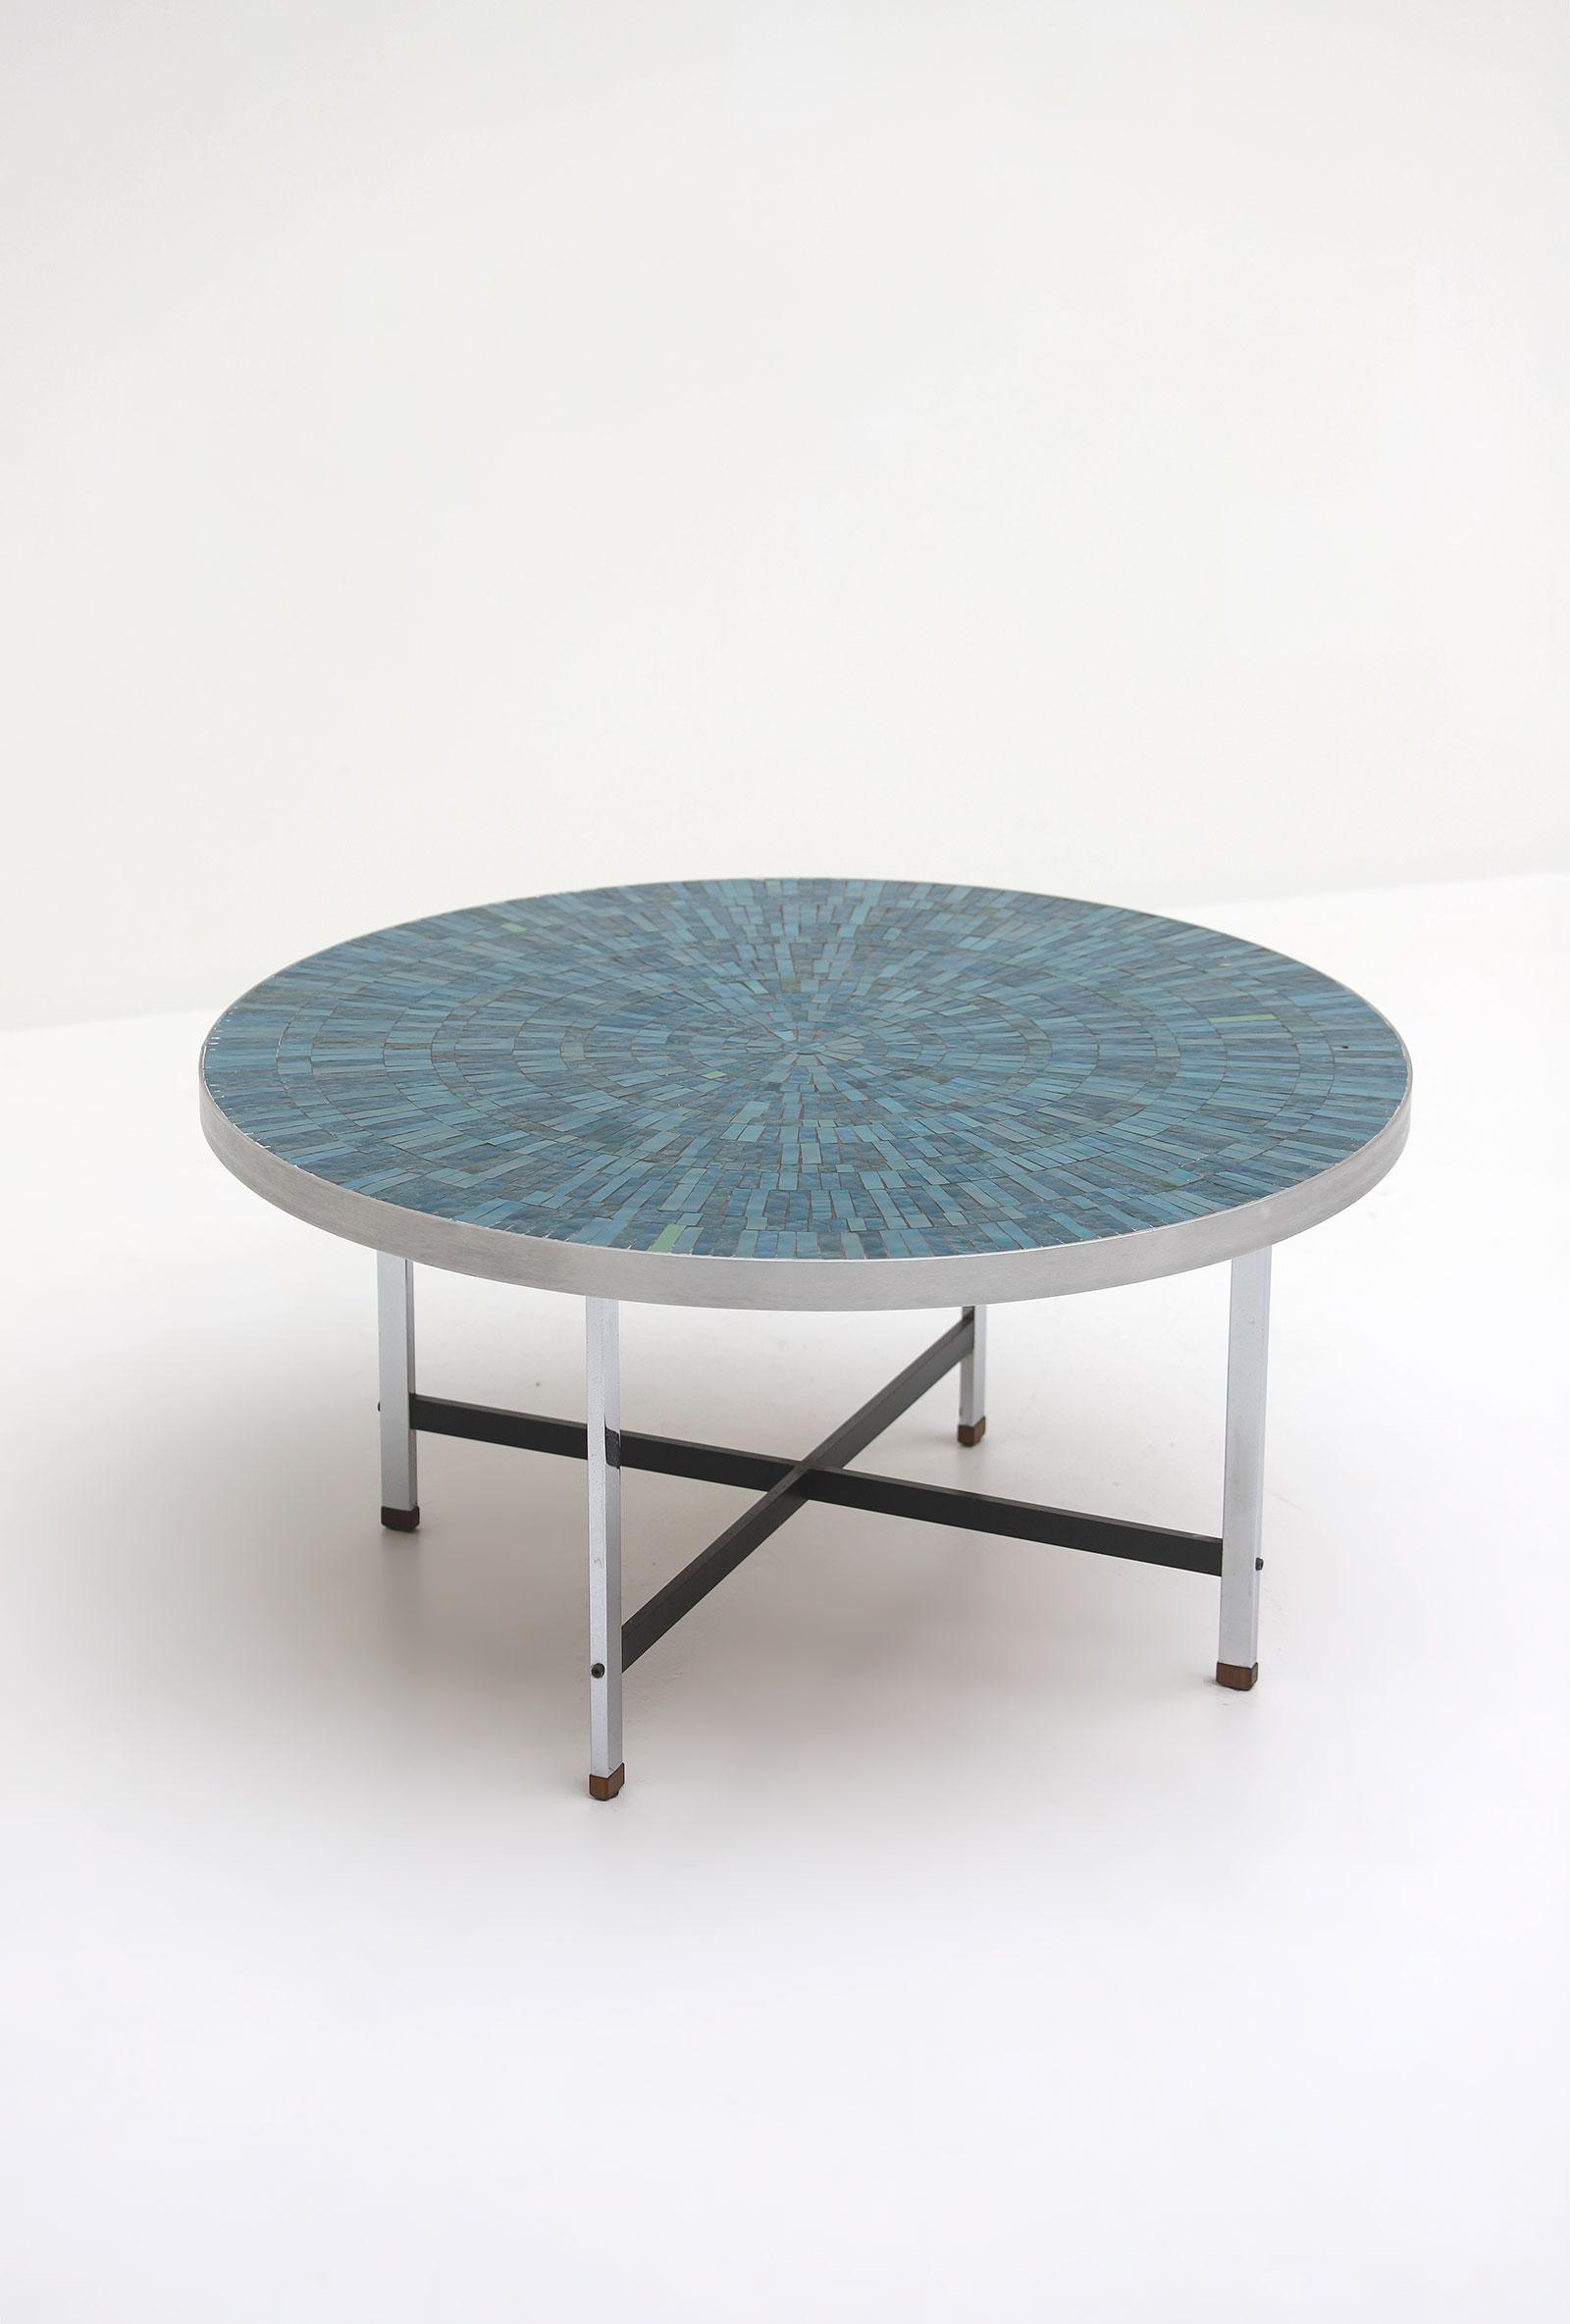 1960s Azure Round Ceramic Coffee Tableimage 3